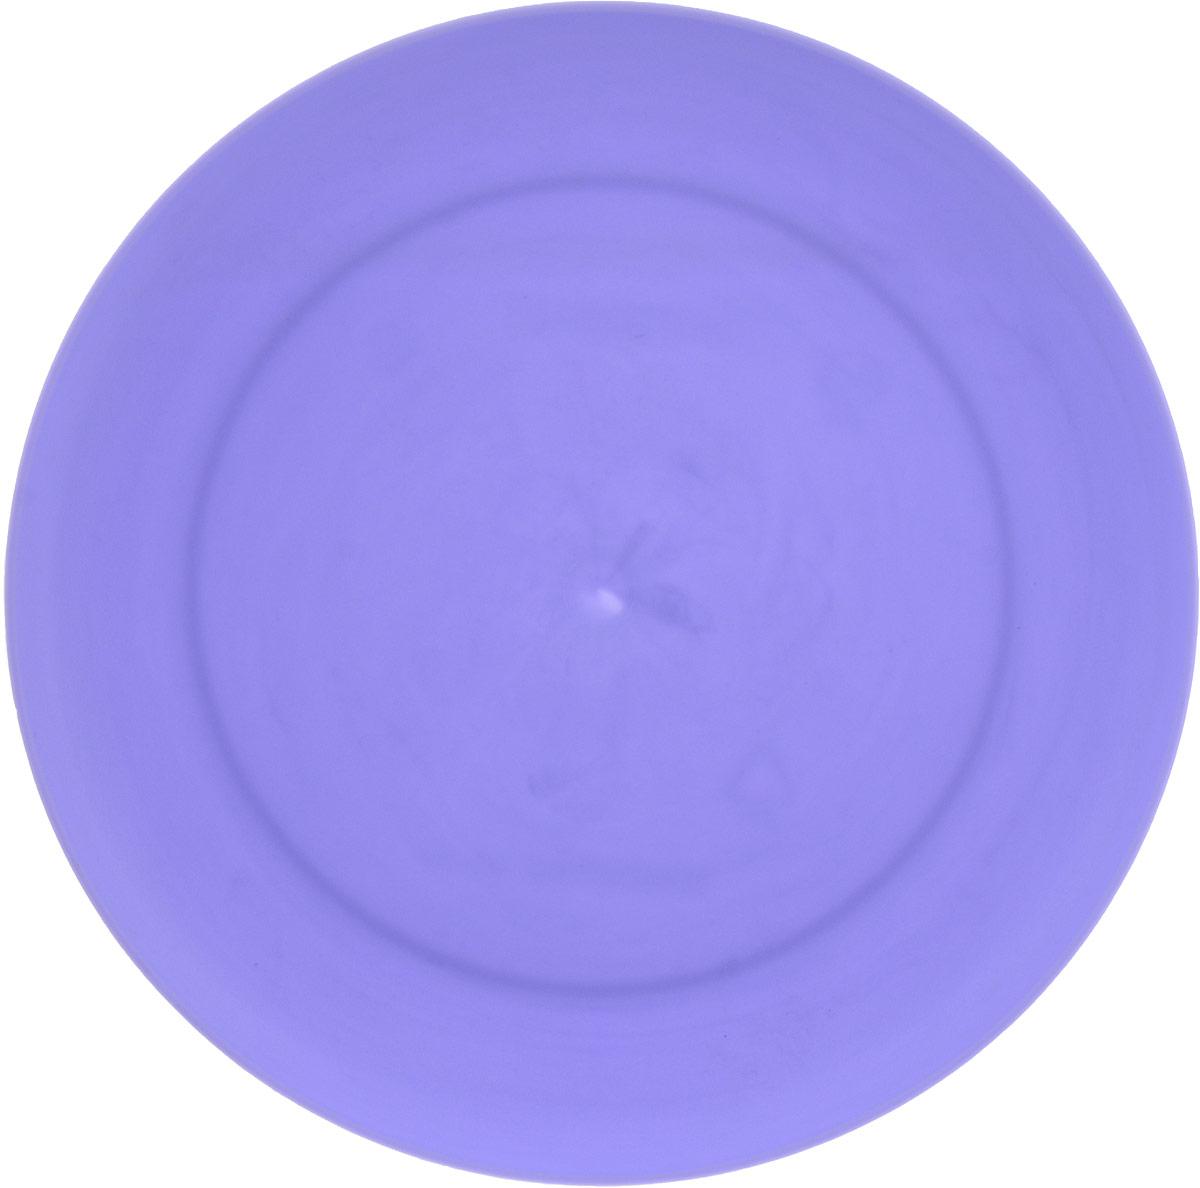 Тарелка Gotoff, цвет: сиреневый, диаметр 23,5 смWTC-273_сиреневыйКруглая тарелка Gotoff выполнена из прочного пищевого полипропилена. Изделие отлично подойдет как для холодных, так и для горячих блюд. Его удобно использовать дома или на даче, брать с собой на пикники и в поездки. Отличный вариант для детских праздников. Такая тарелка не разобьется и будет служить вам долгое время.